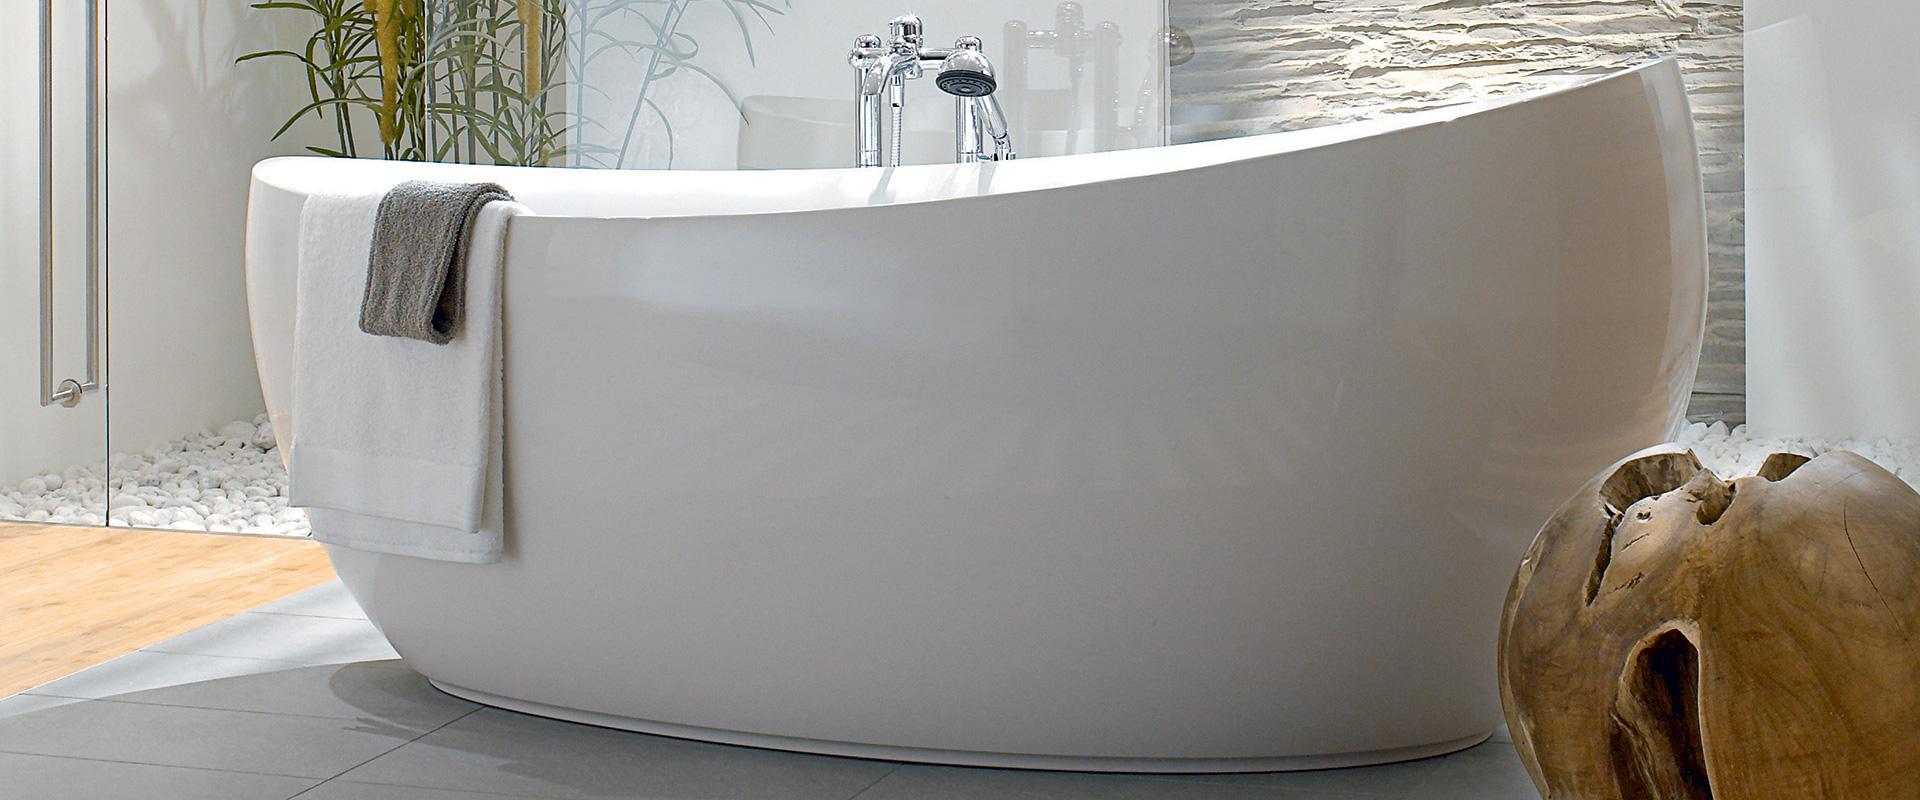 kollektion aveo new generation von villeroy boch nat rliche sthetik modern interpretiert. Black Bedroom Furniture Sets. Home Design Ideas